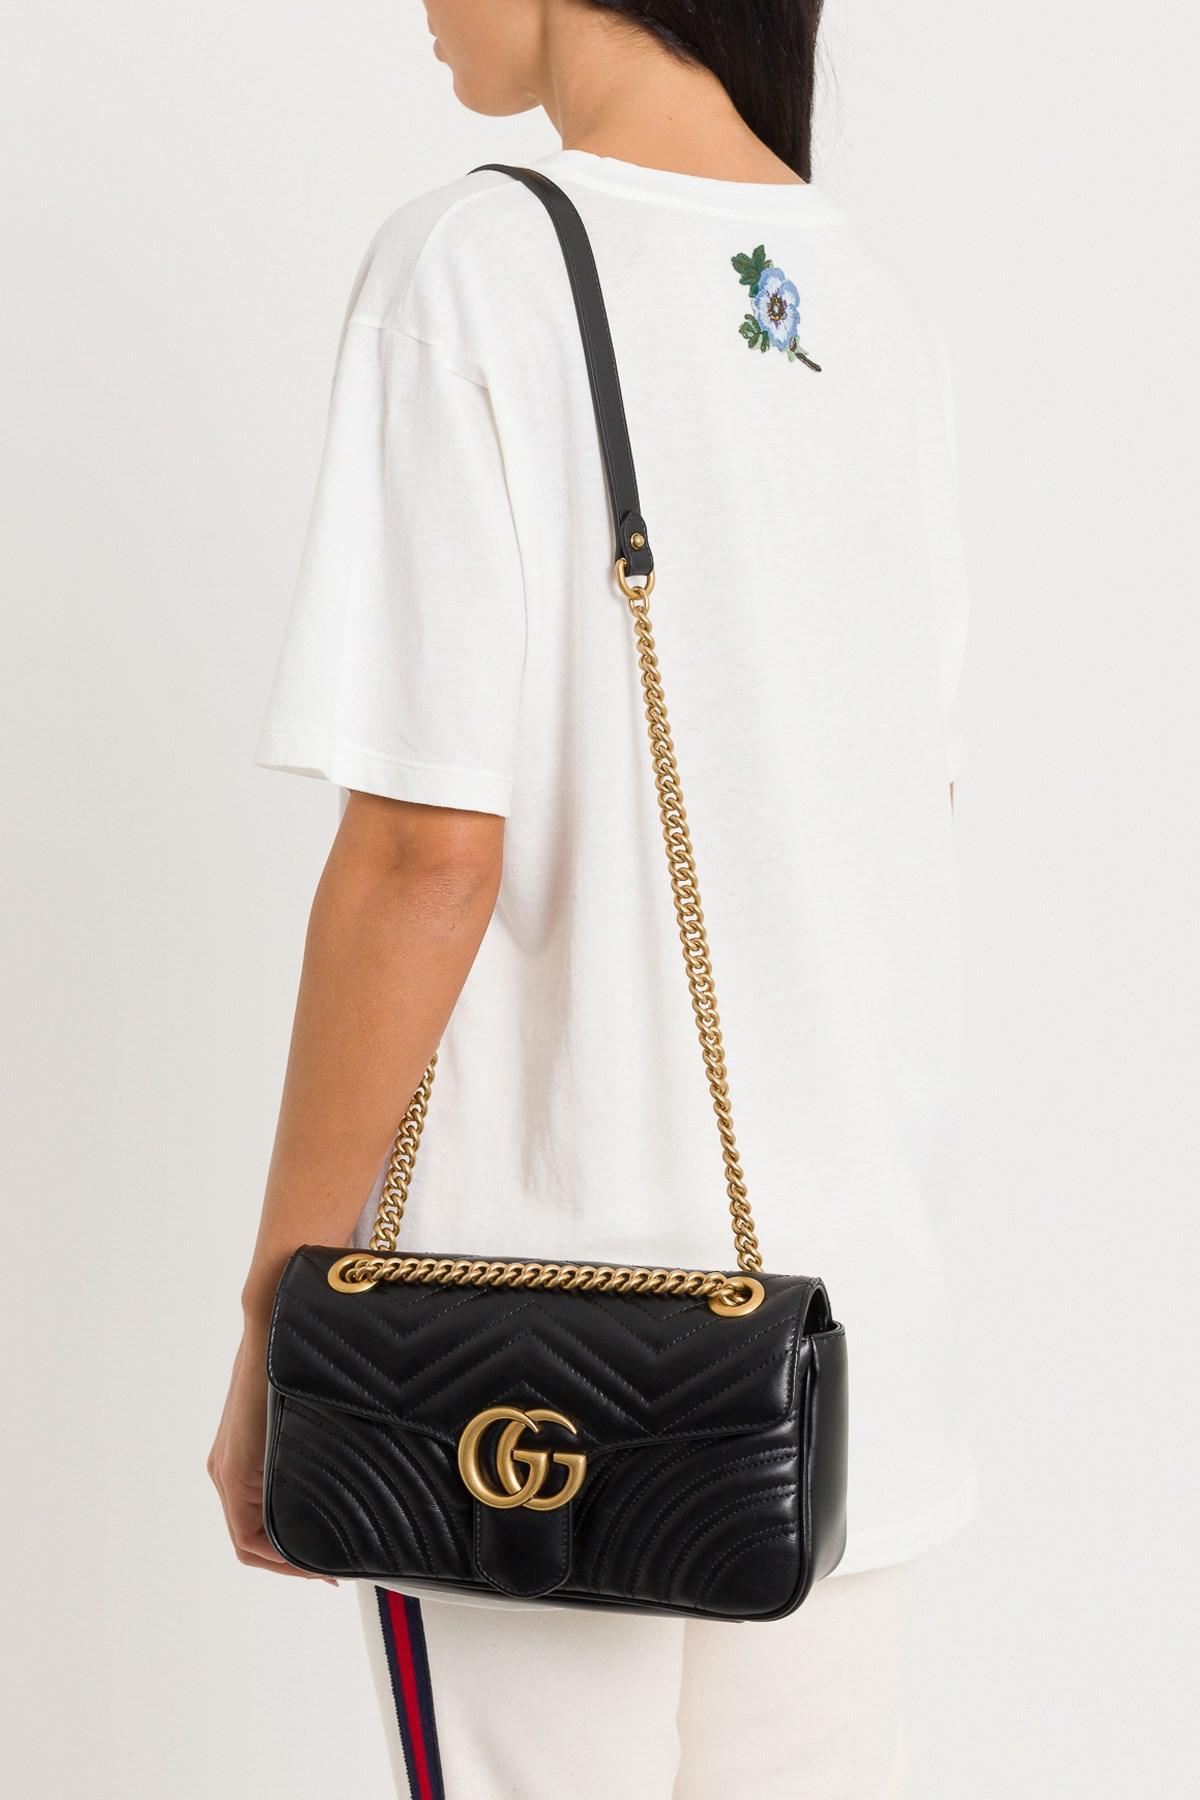 34f120f814e4 Gucci Gg Marmont Small Matelassé Shoulder Bag - Lyst